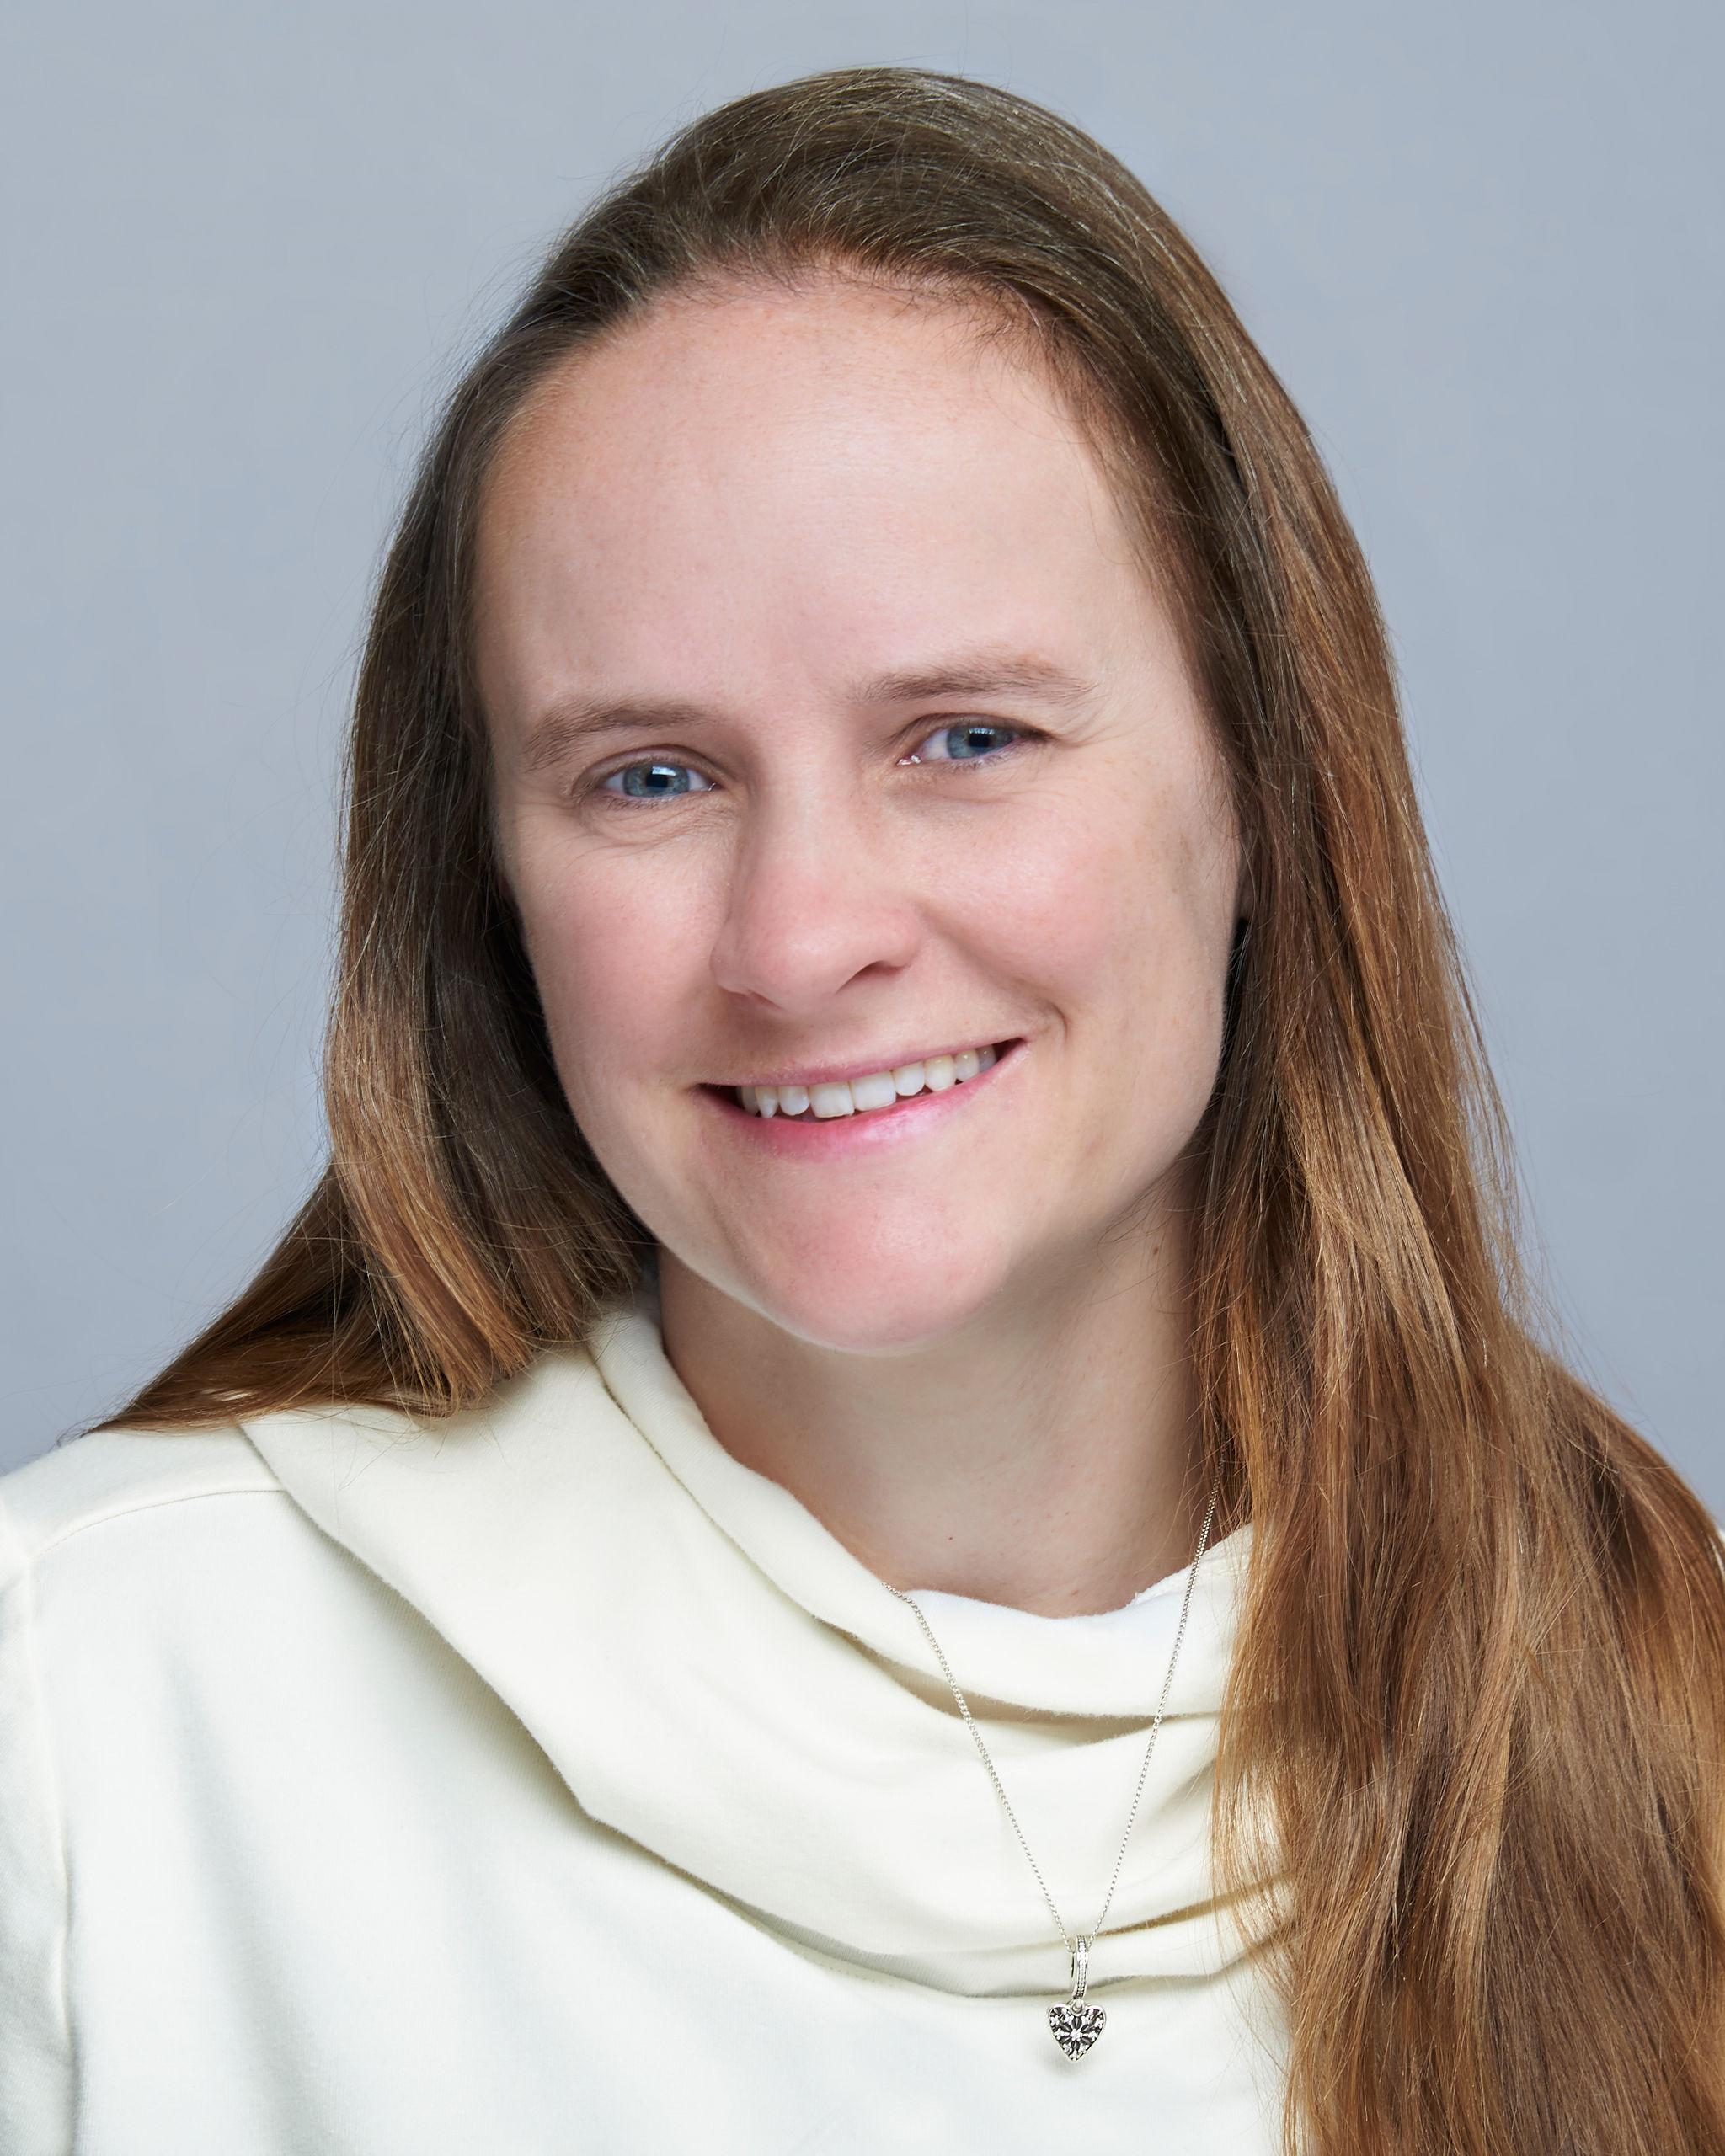 Jenny Eichner